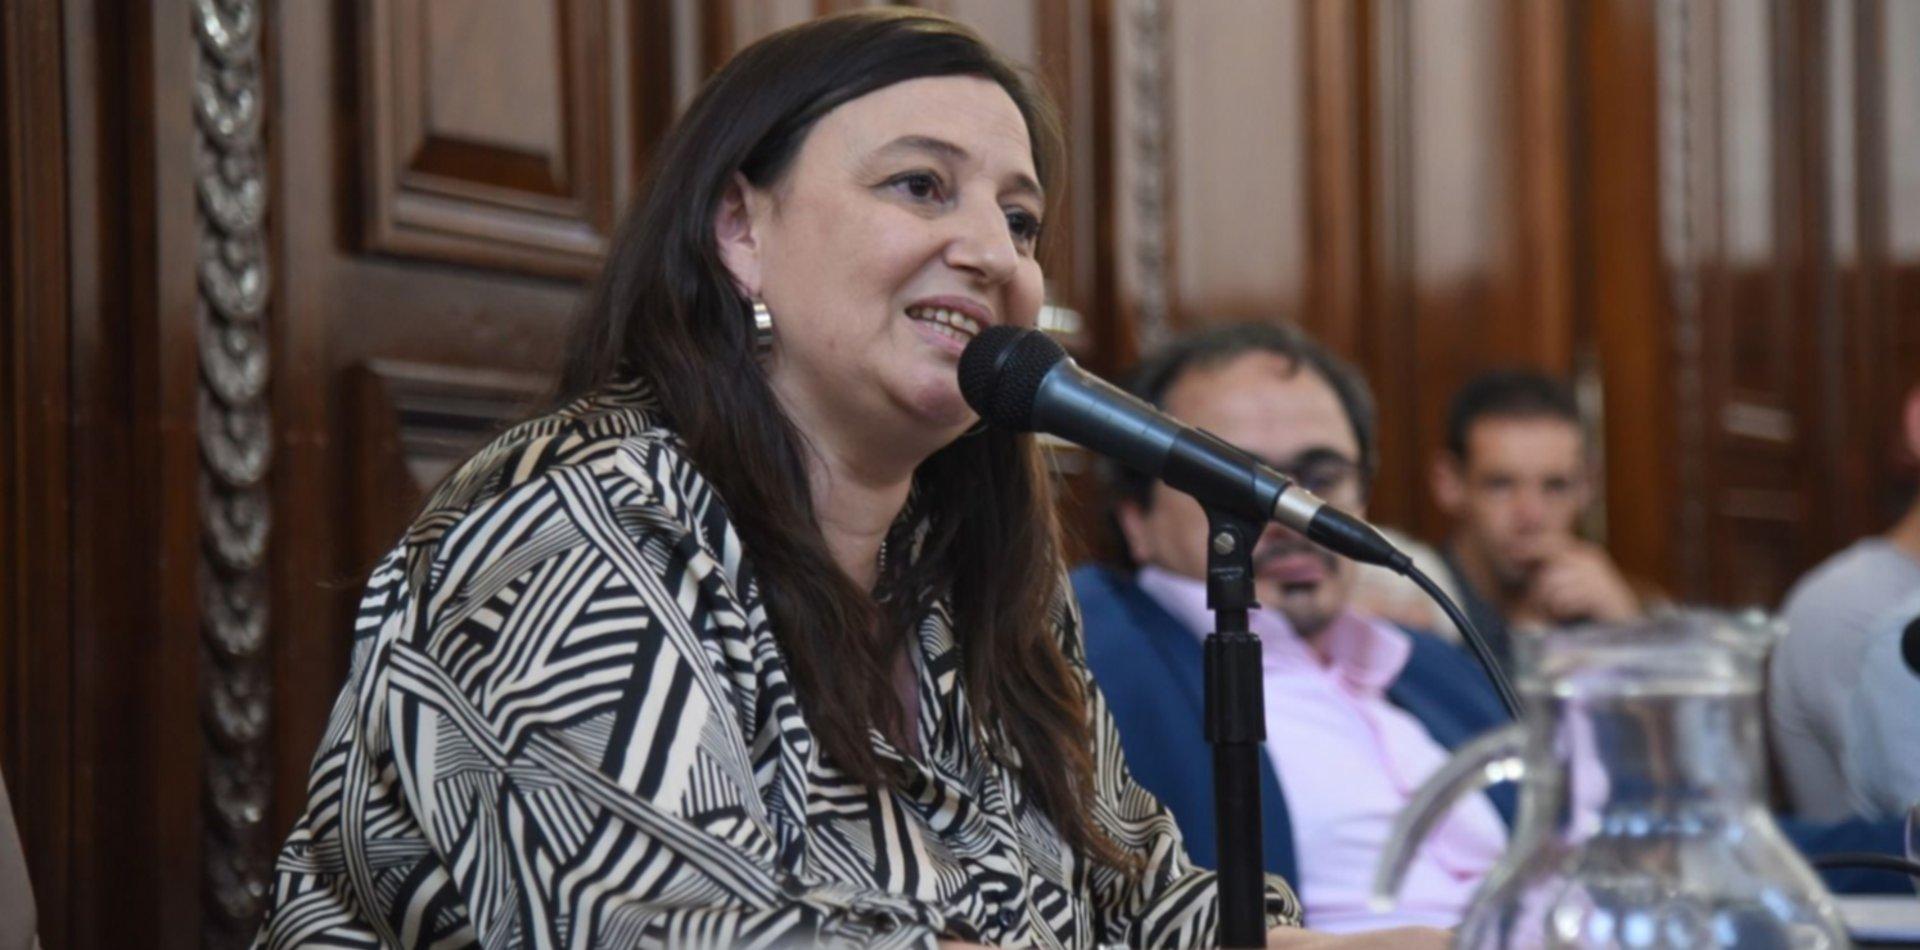 Empieza a develarse el armado de Garro 2020 con Ileana Cid como presidenta del Concejo